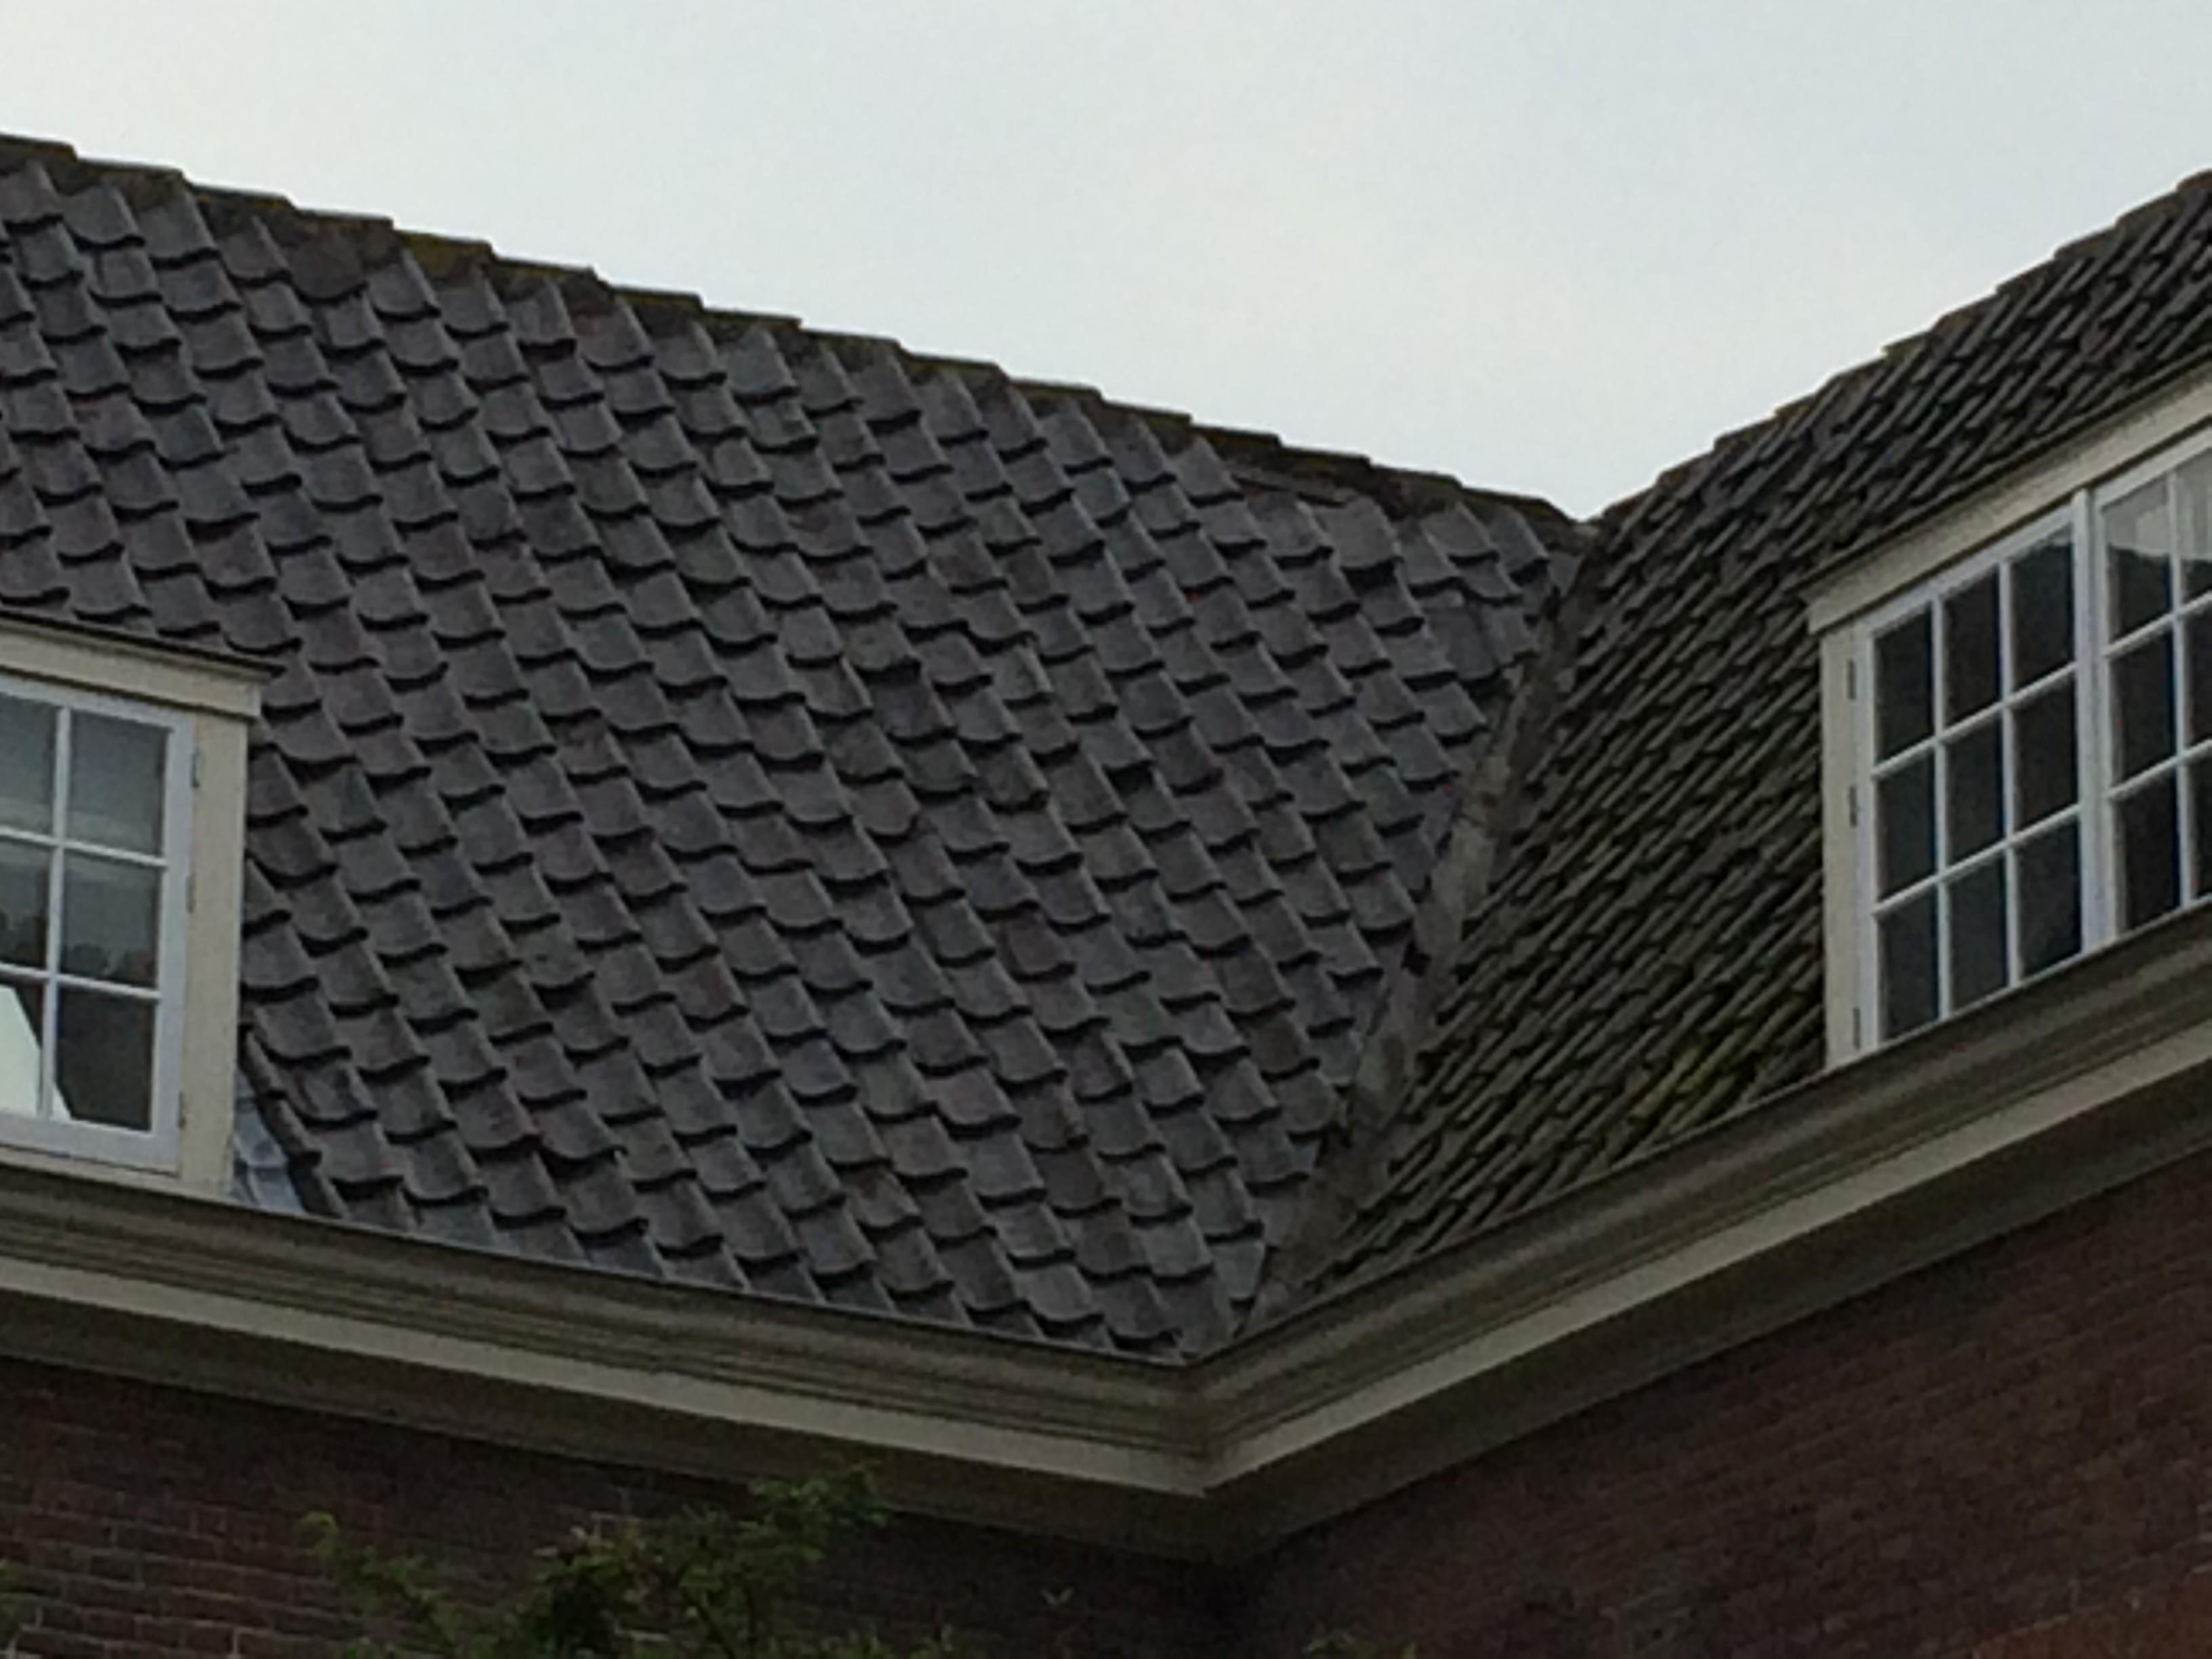 BKT_Ymere_klomp_zinken_goot_dak_renovatie_Amsterdam_Karthuizershof_Rijksmonument_03.jpg